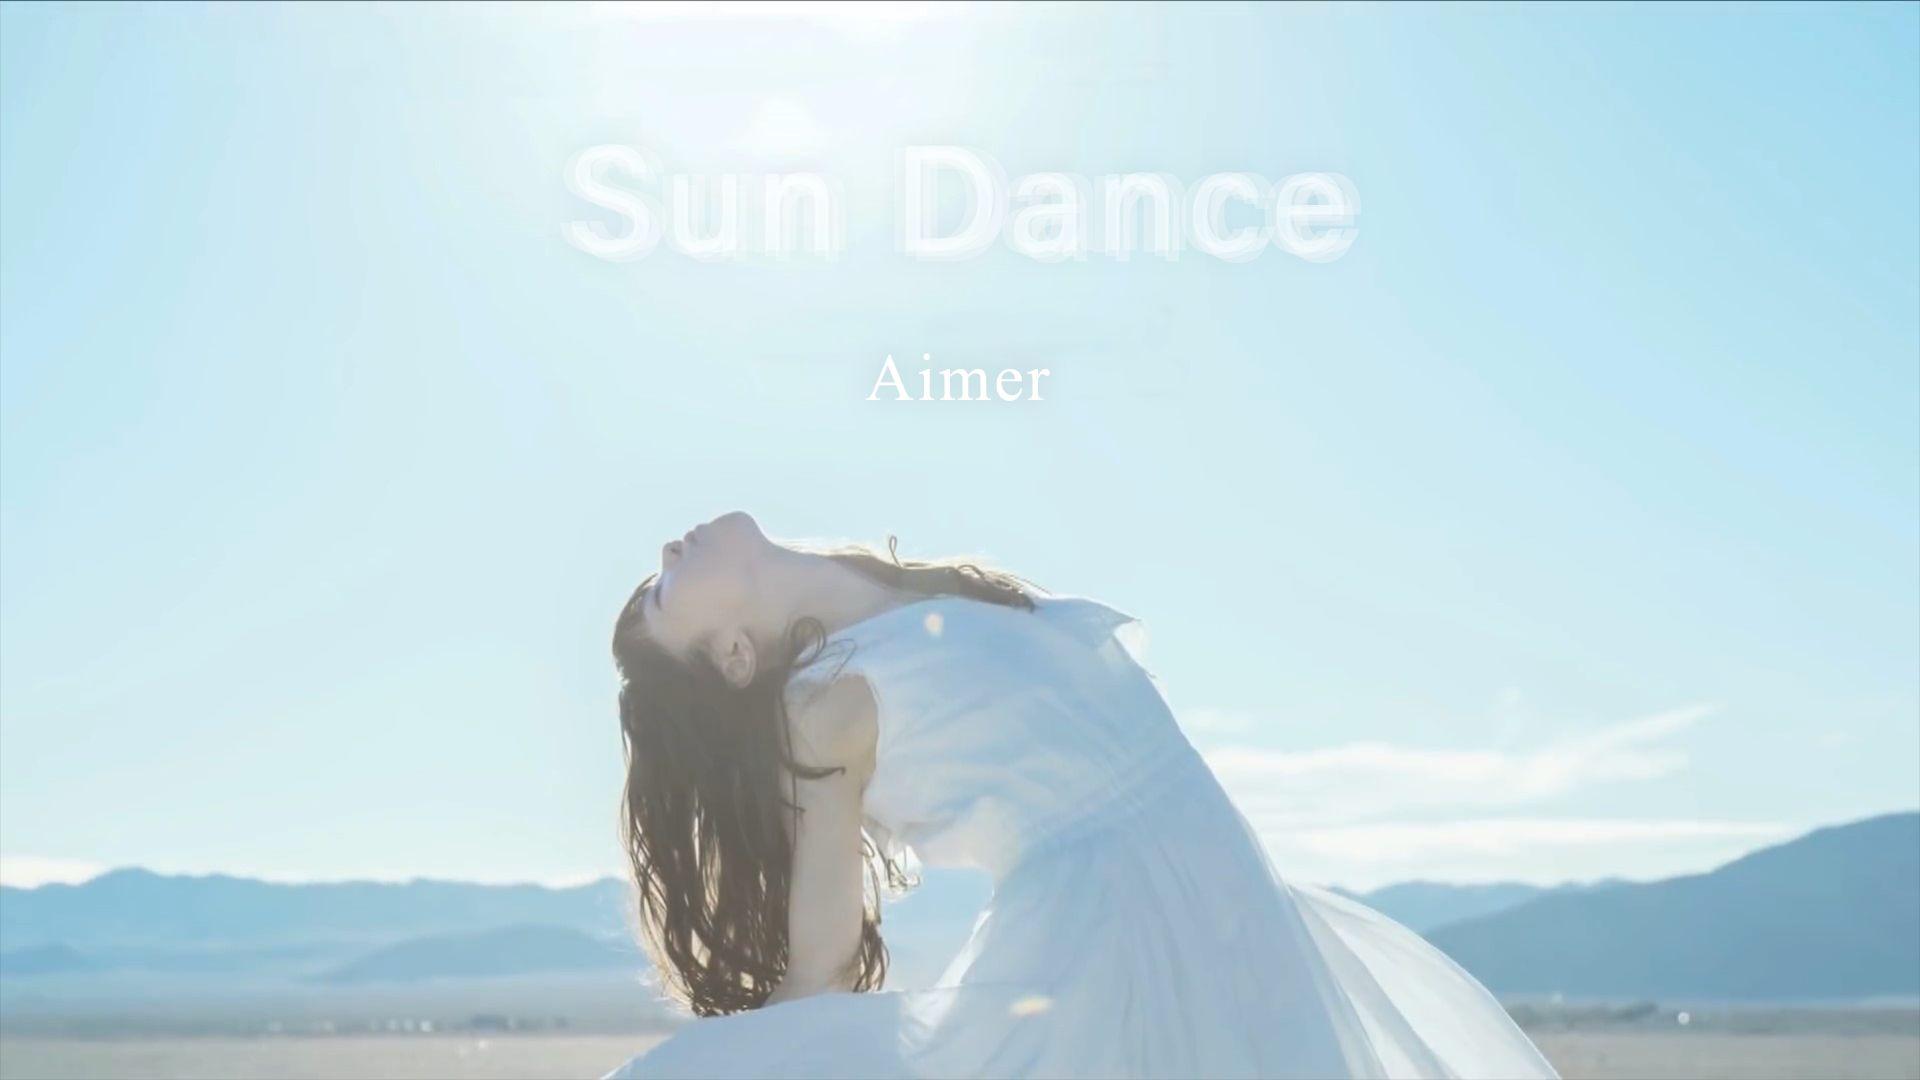 【Aimer】《コイワズライ(相思病)》 日語 羅馬音 - 嗶哩嗶哩